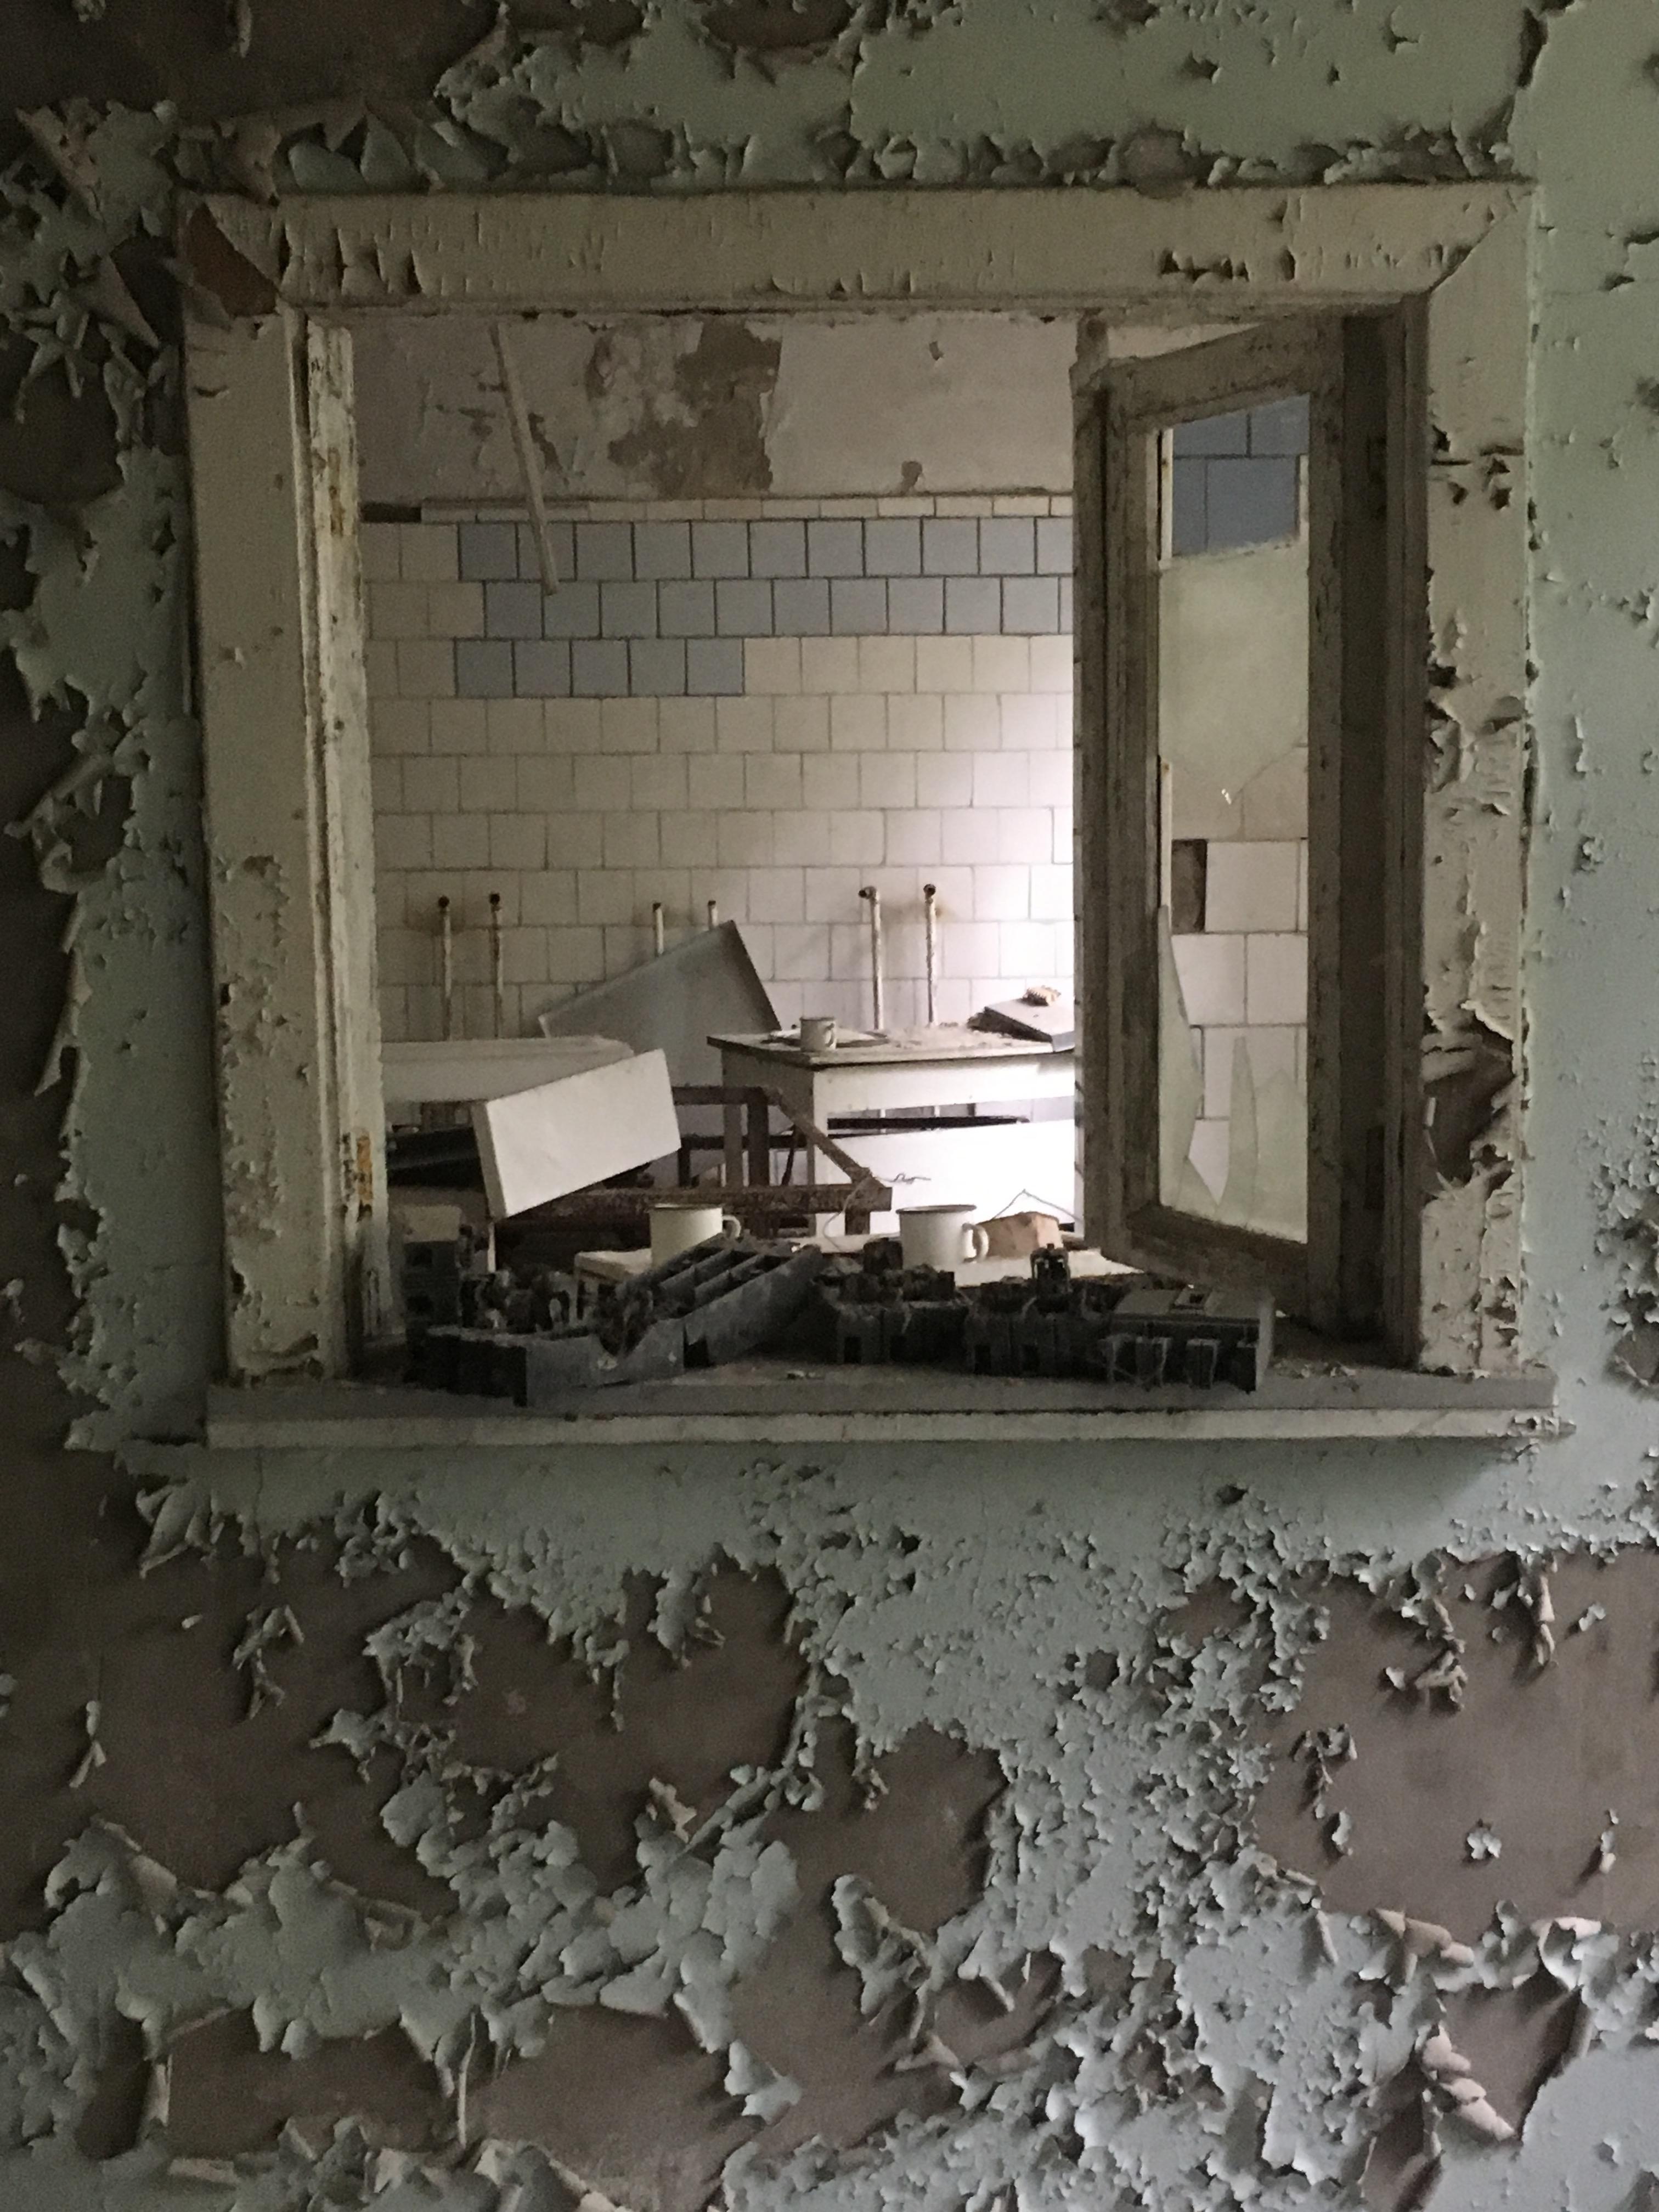 Chernobyl63